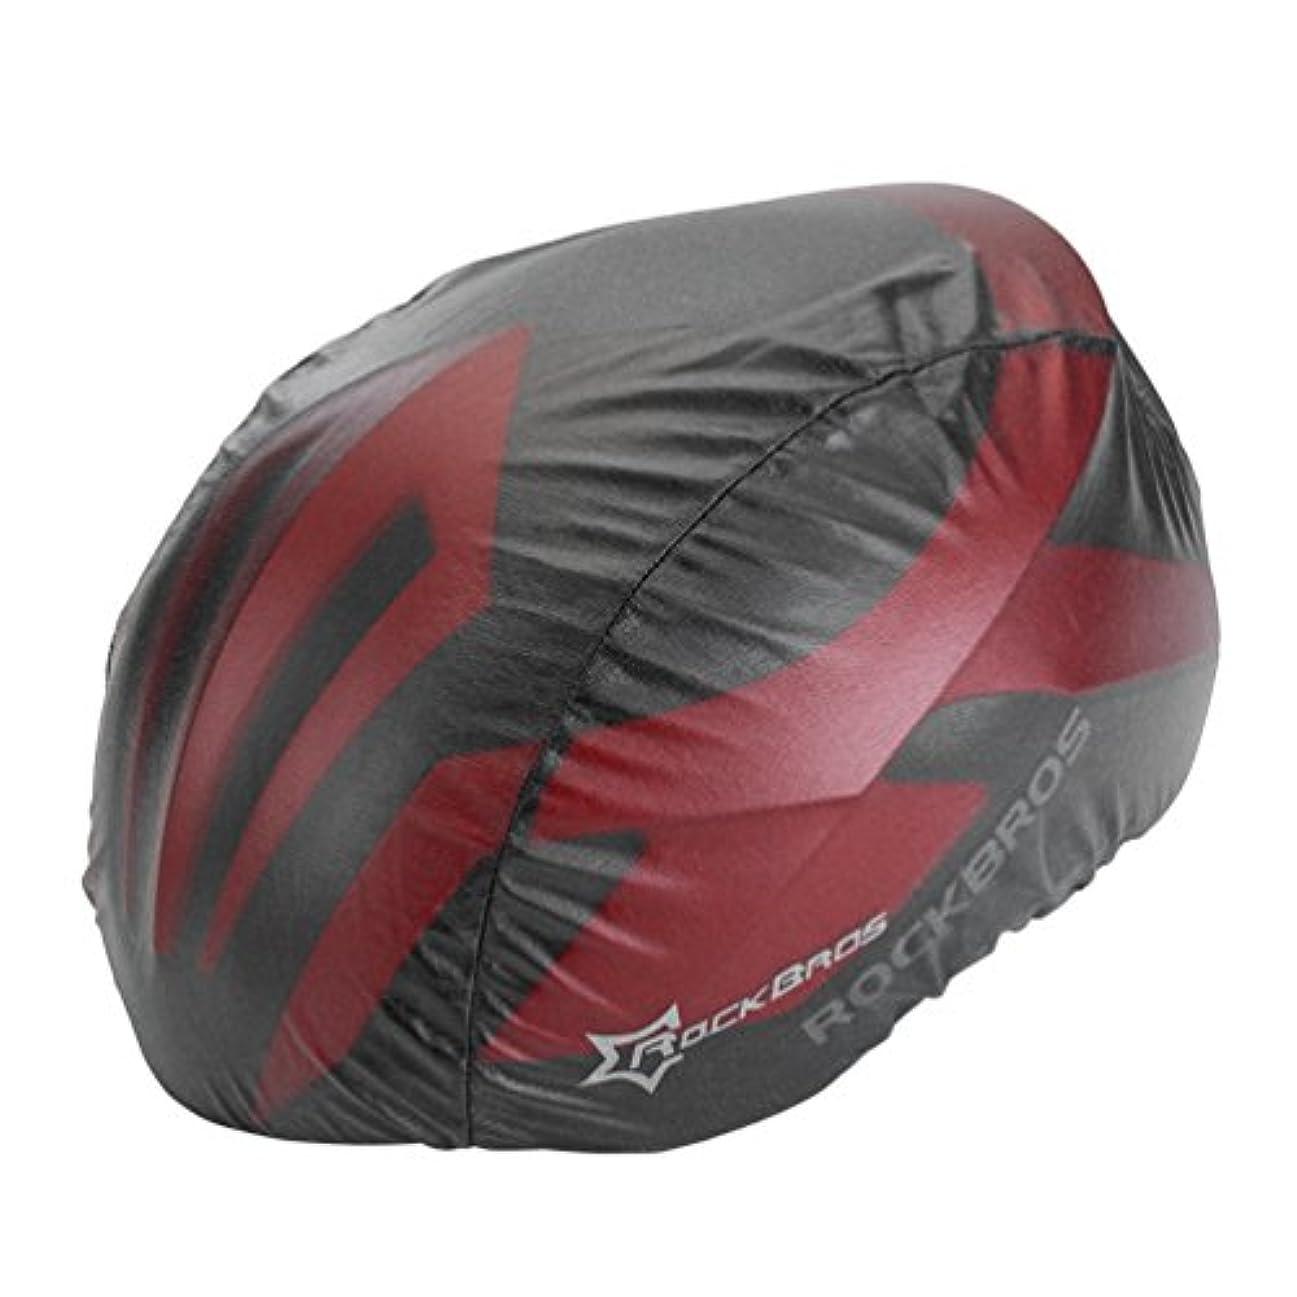 不確実セージロンドンROCKBROS(ロックブロス) 防風防塵 自転車ヘルメットカバー マウンテンロードバイク サイクリングヘルメットレインカバー 全5色